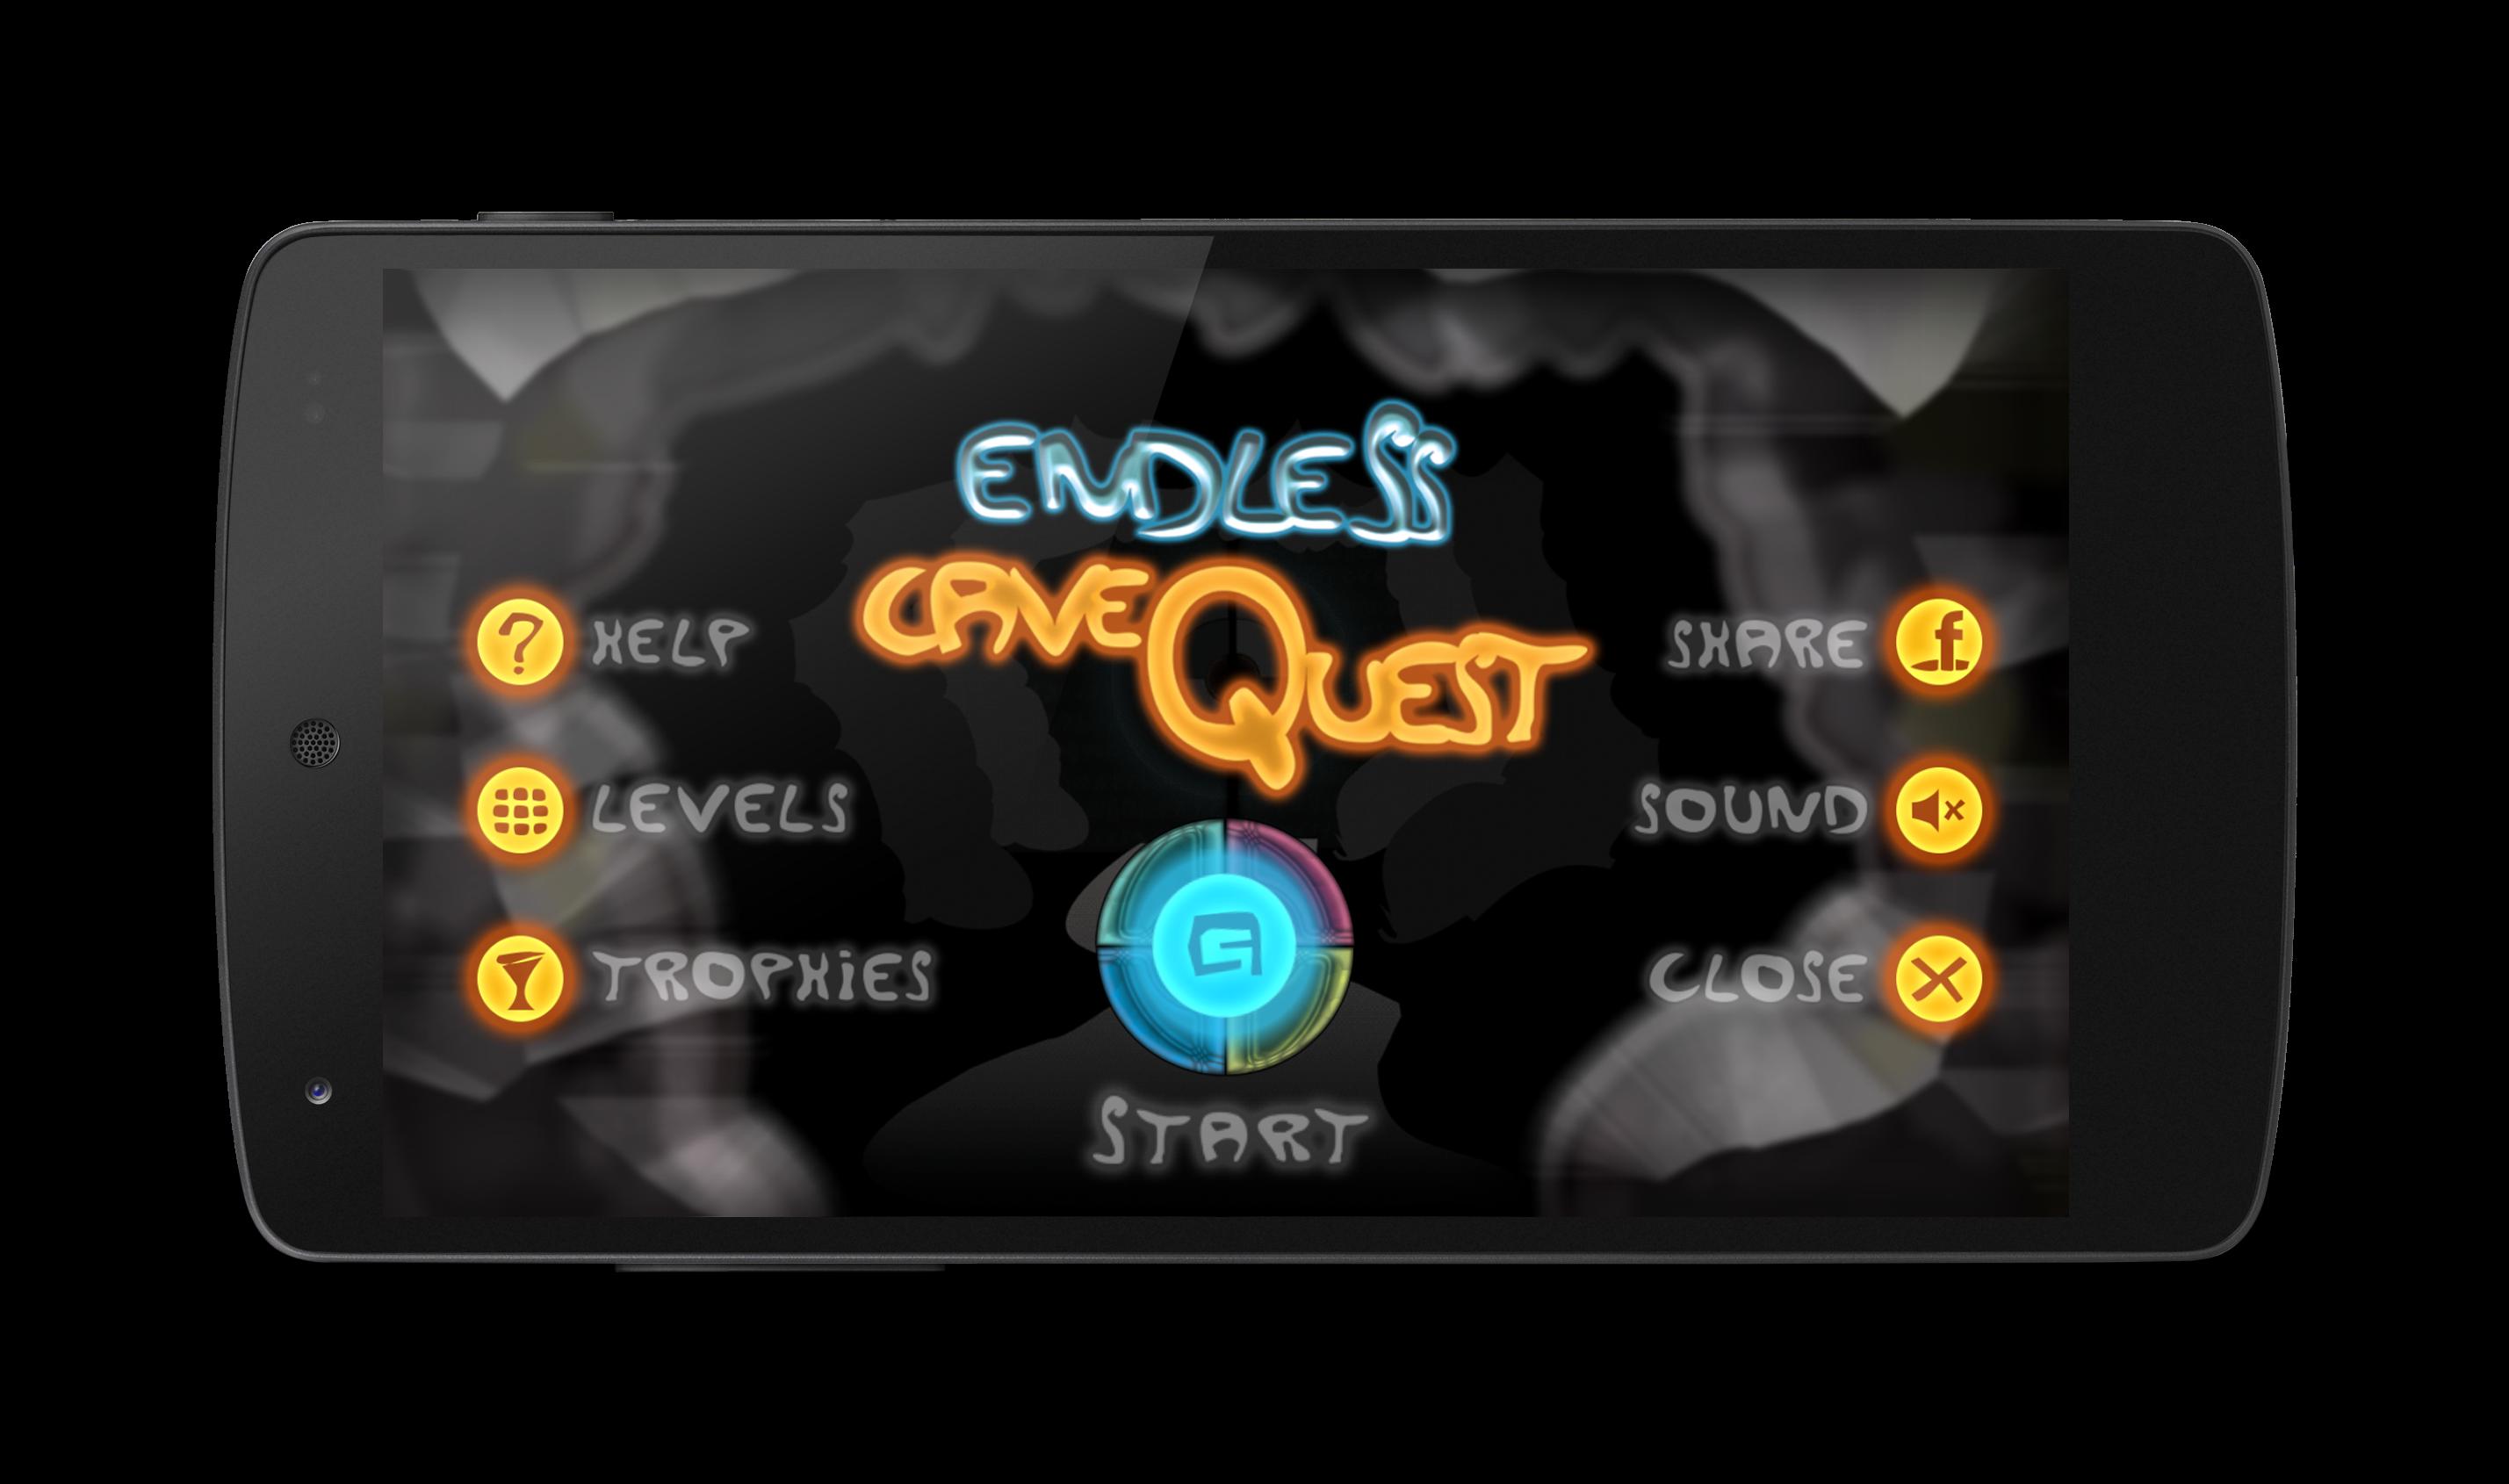 Endless Cave Quest